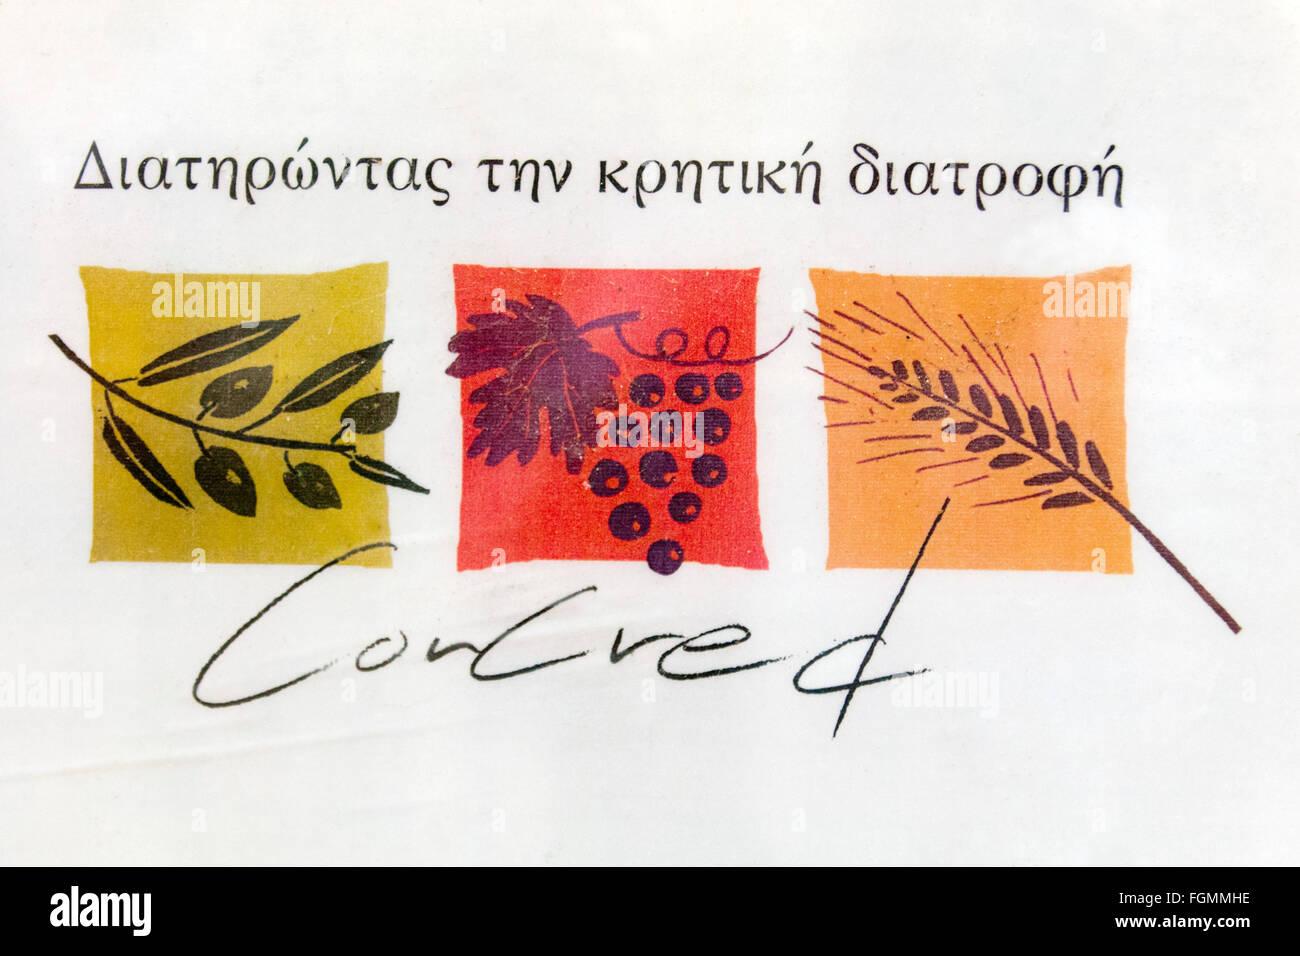 Griechenland, Kreta, Rethymnon, die mit diesem Logo ausgezeichneten Restaurants und Tavernen sind im Meet and Eat - Stock Image